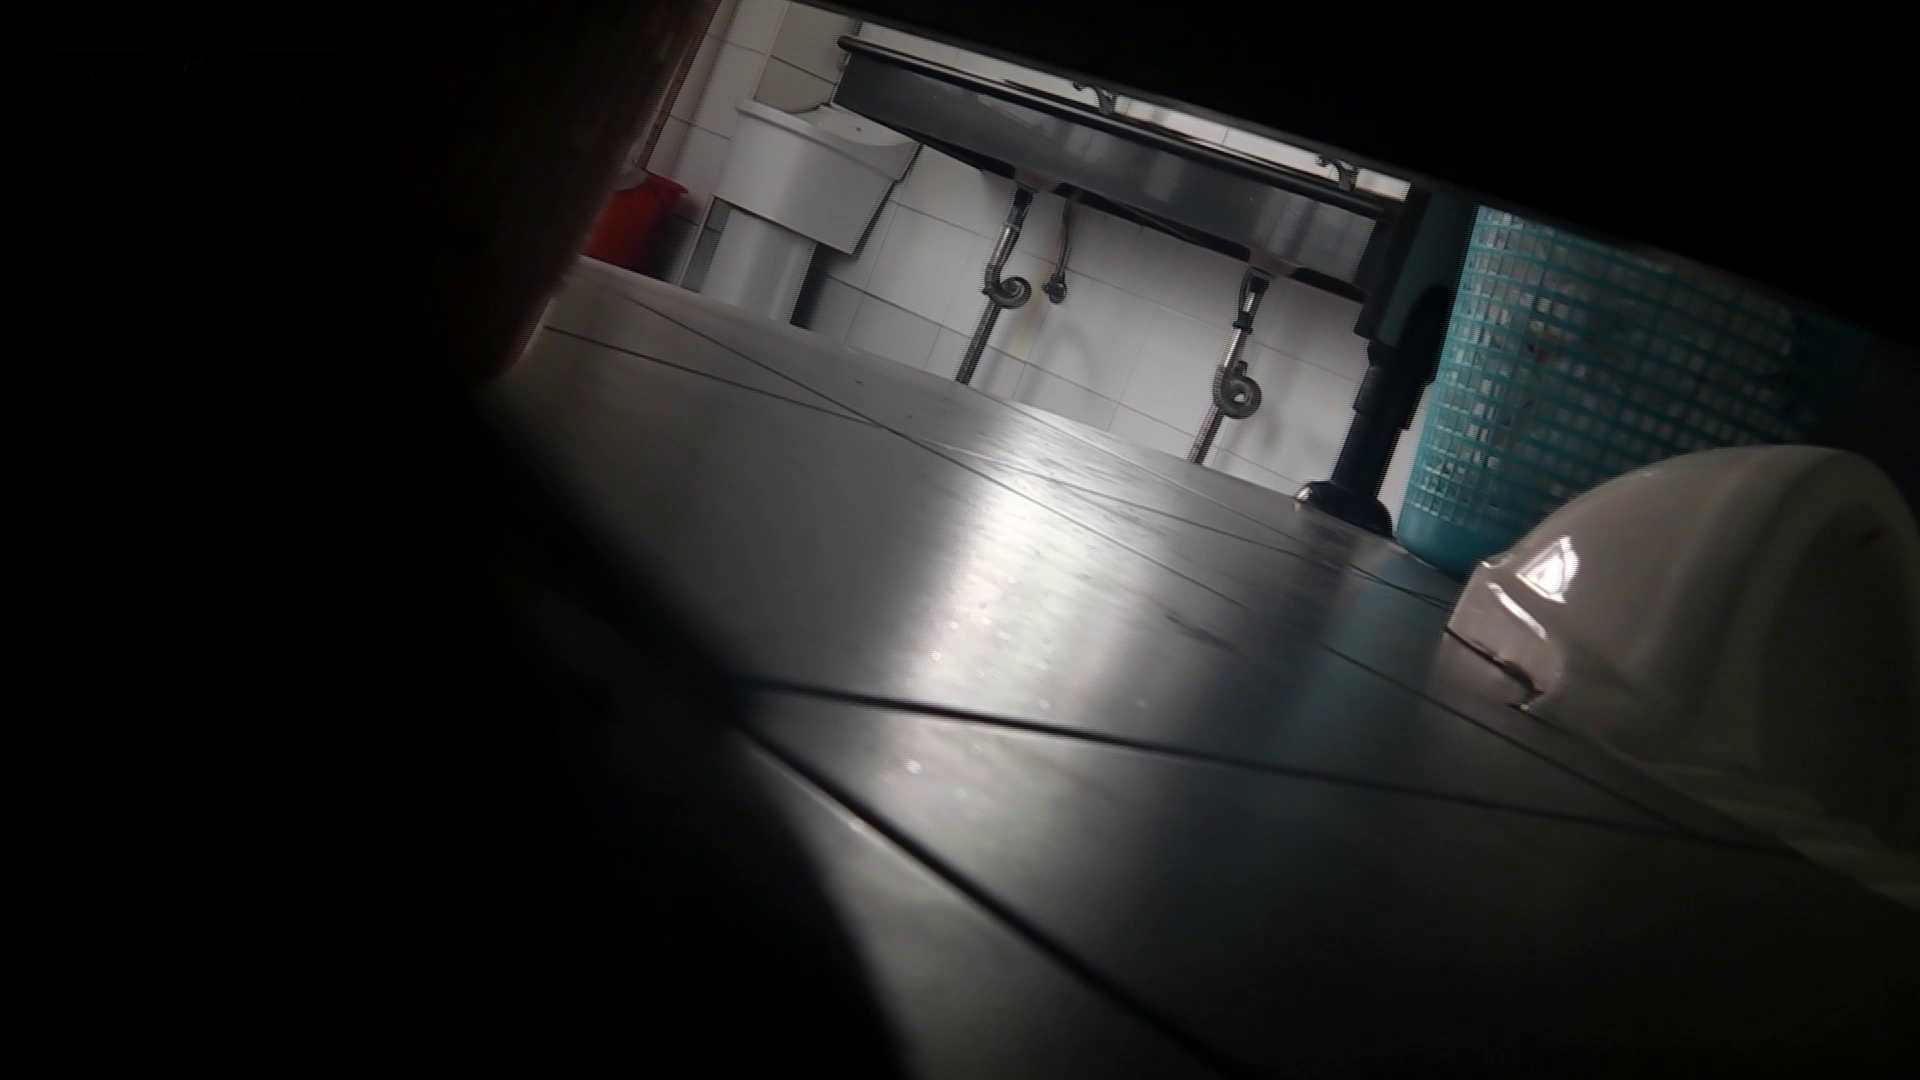 ハメ撮り|潜入!!台湾名門女学院 Vol.05 15センチ以上の濃厚糸を垂らしながら爽快|怪盗ジョーカー